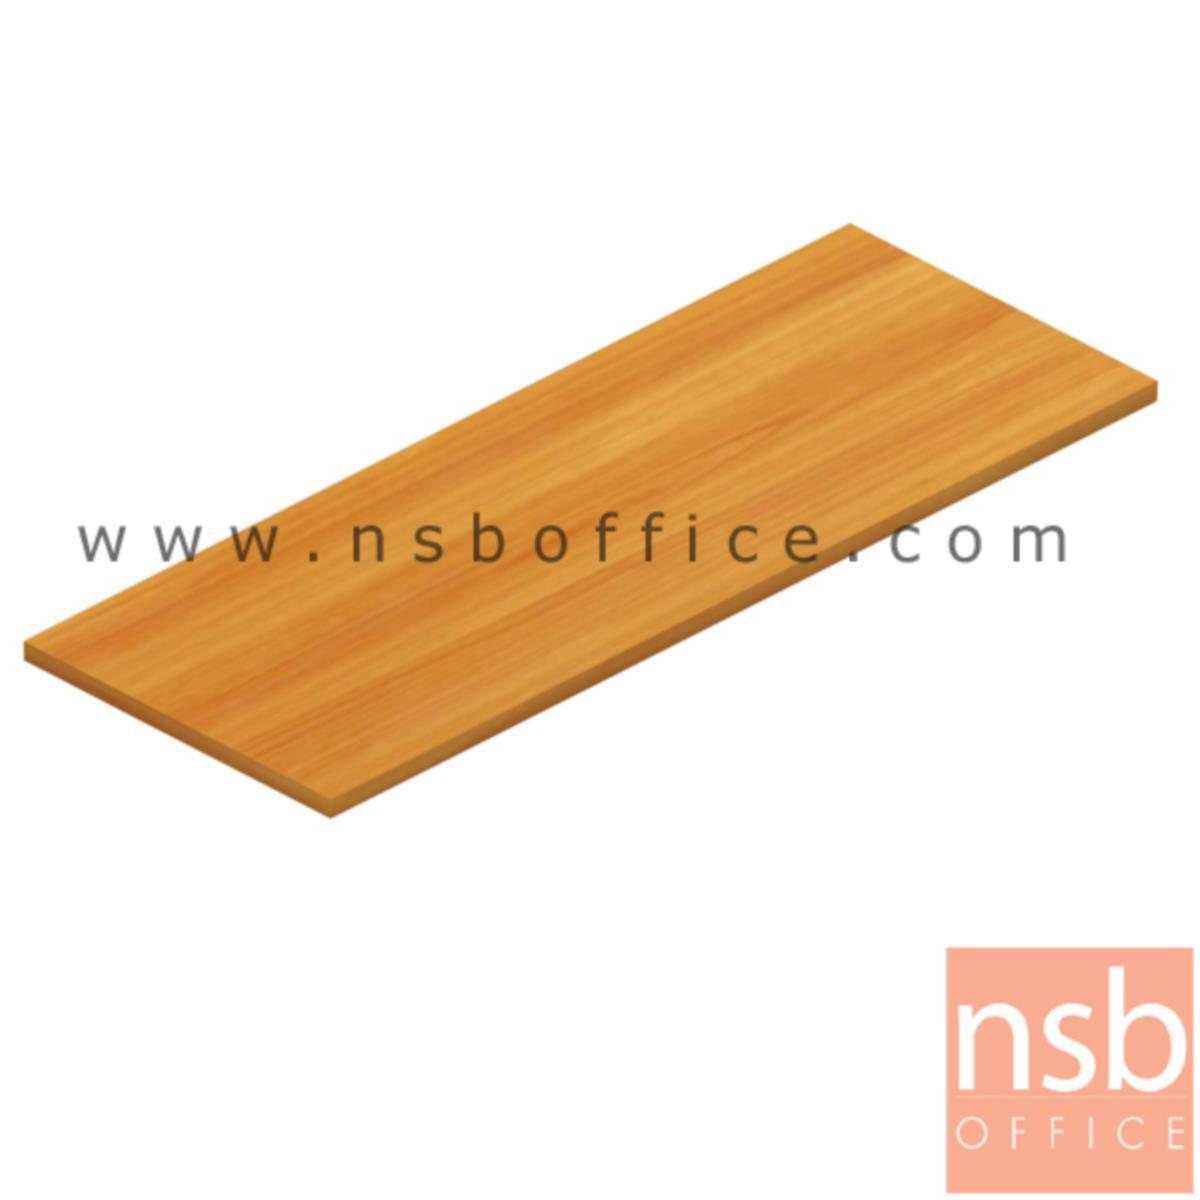 P01A048:แผ่น TOP ไม้ รุ่น TYN-500 (พร้อมชุดเกี่ยว) D60 cm.